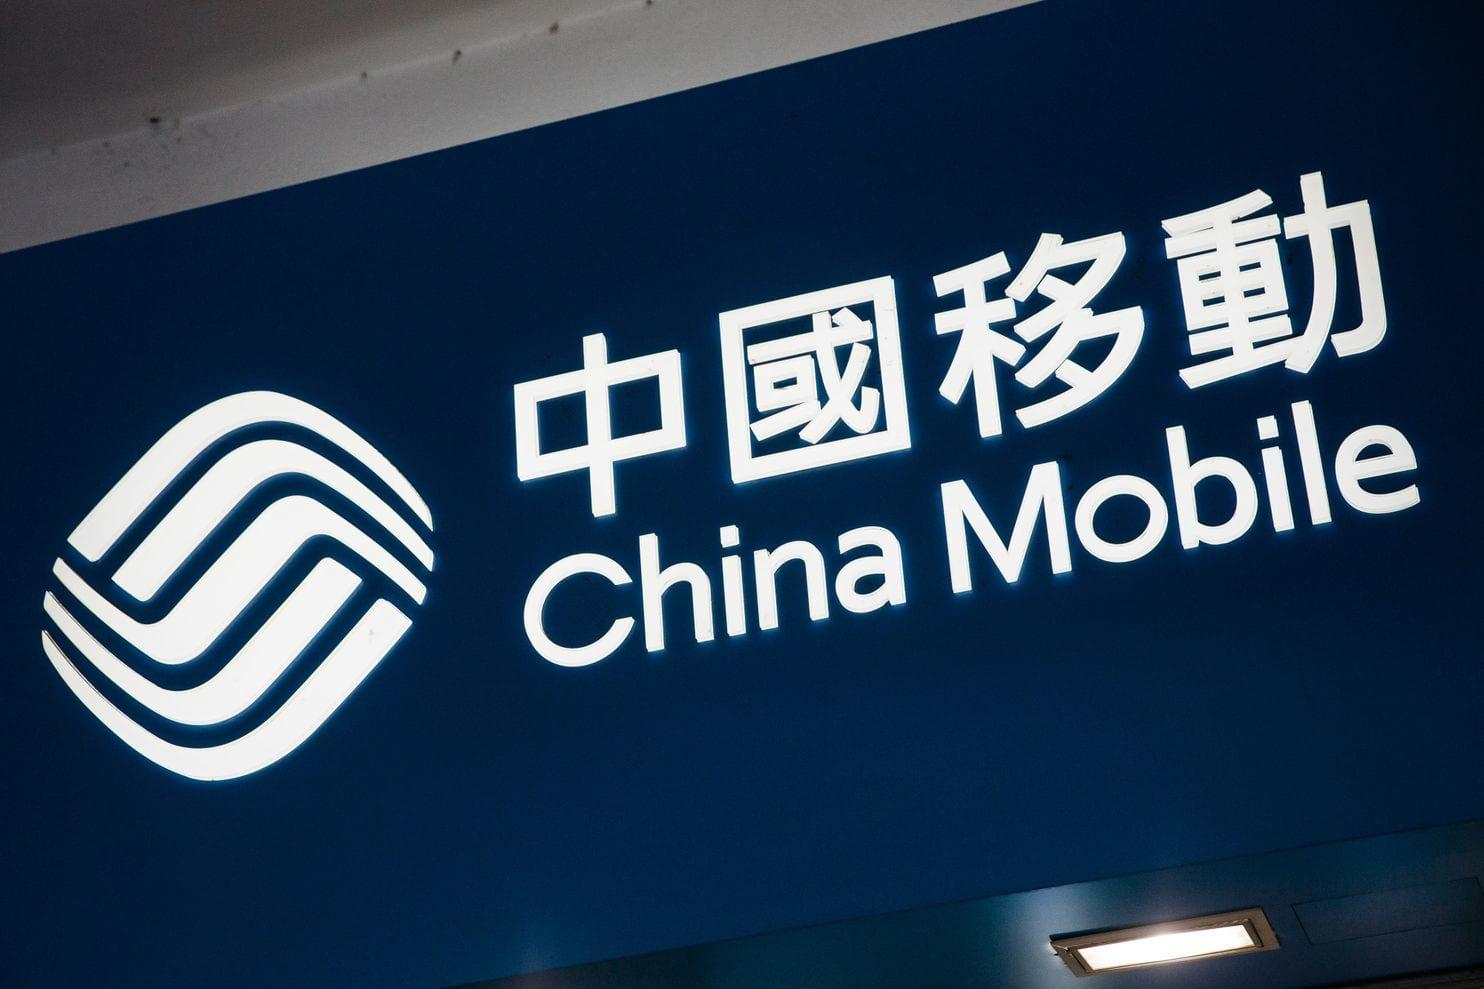 中国移动回应 FCC 拒发牌照:望美国政府公平对待赴美投资678彩票